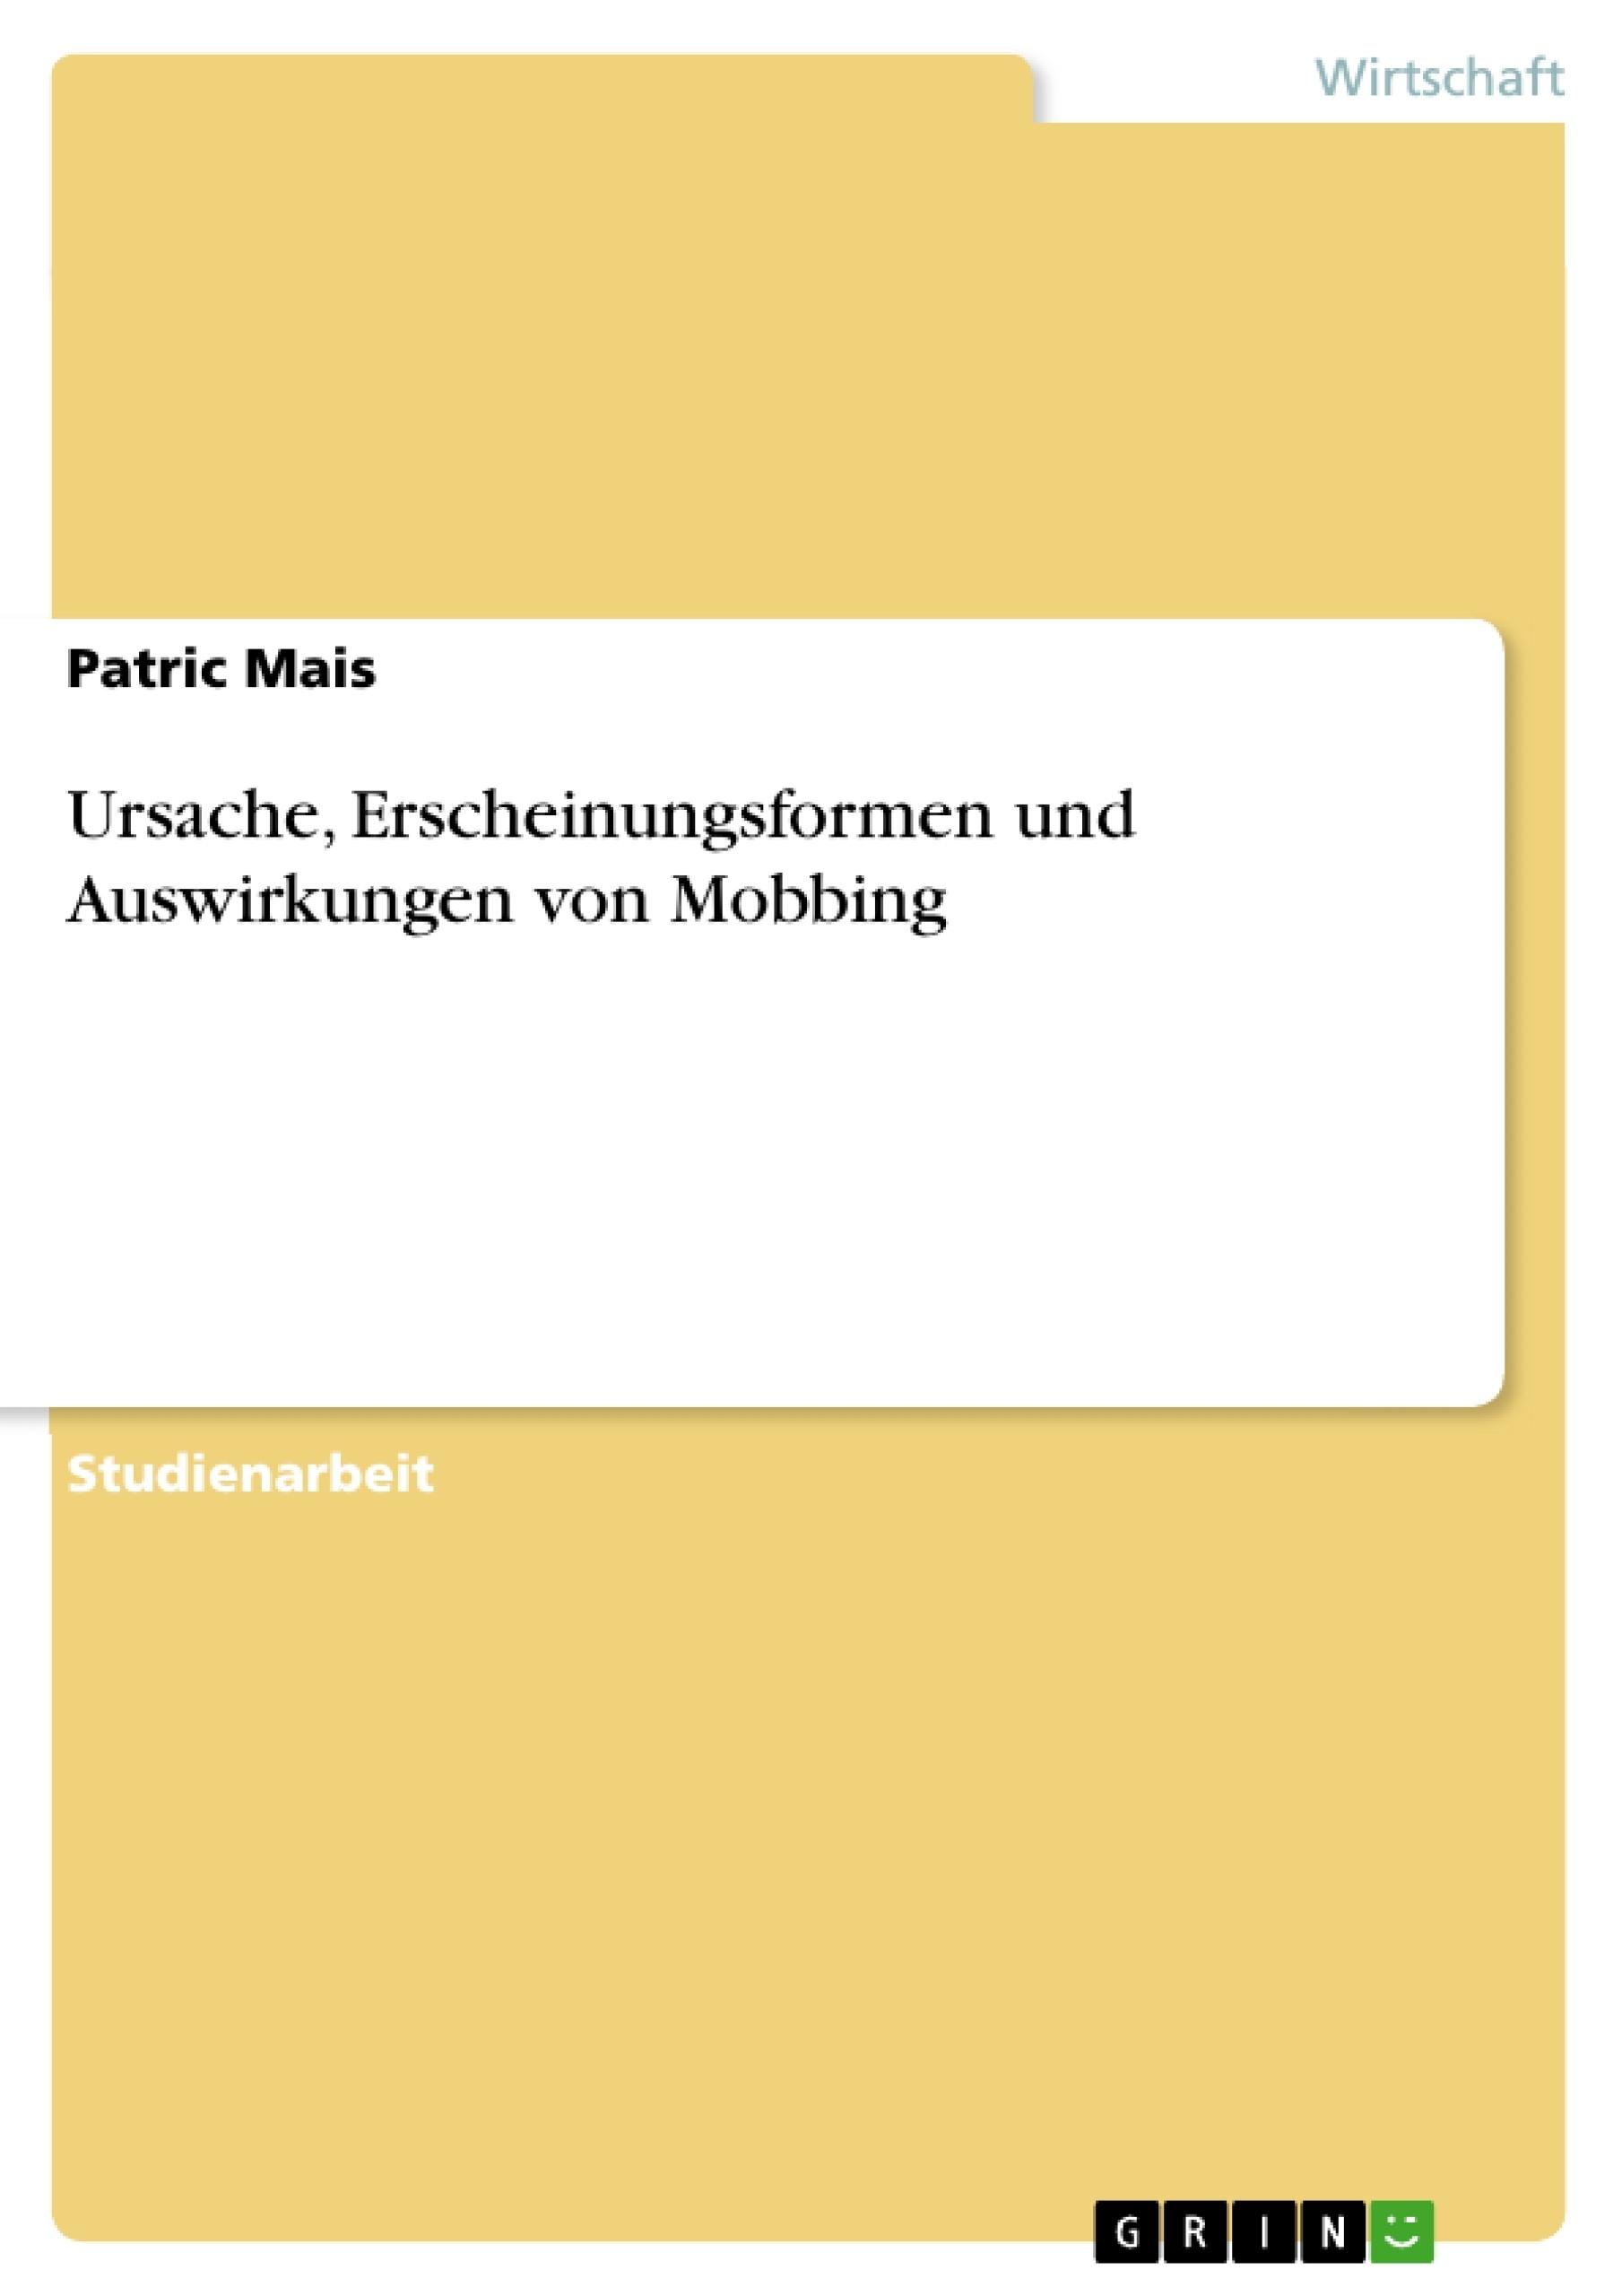 Titel: Ursache, Erscheinungsformen und Auswirkungen von Mobbing